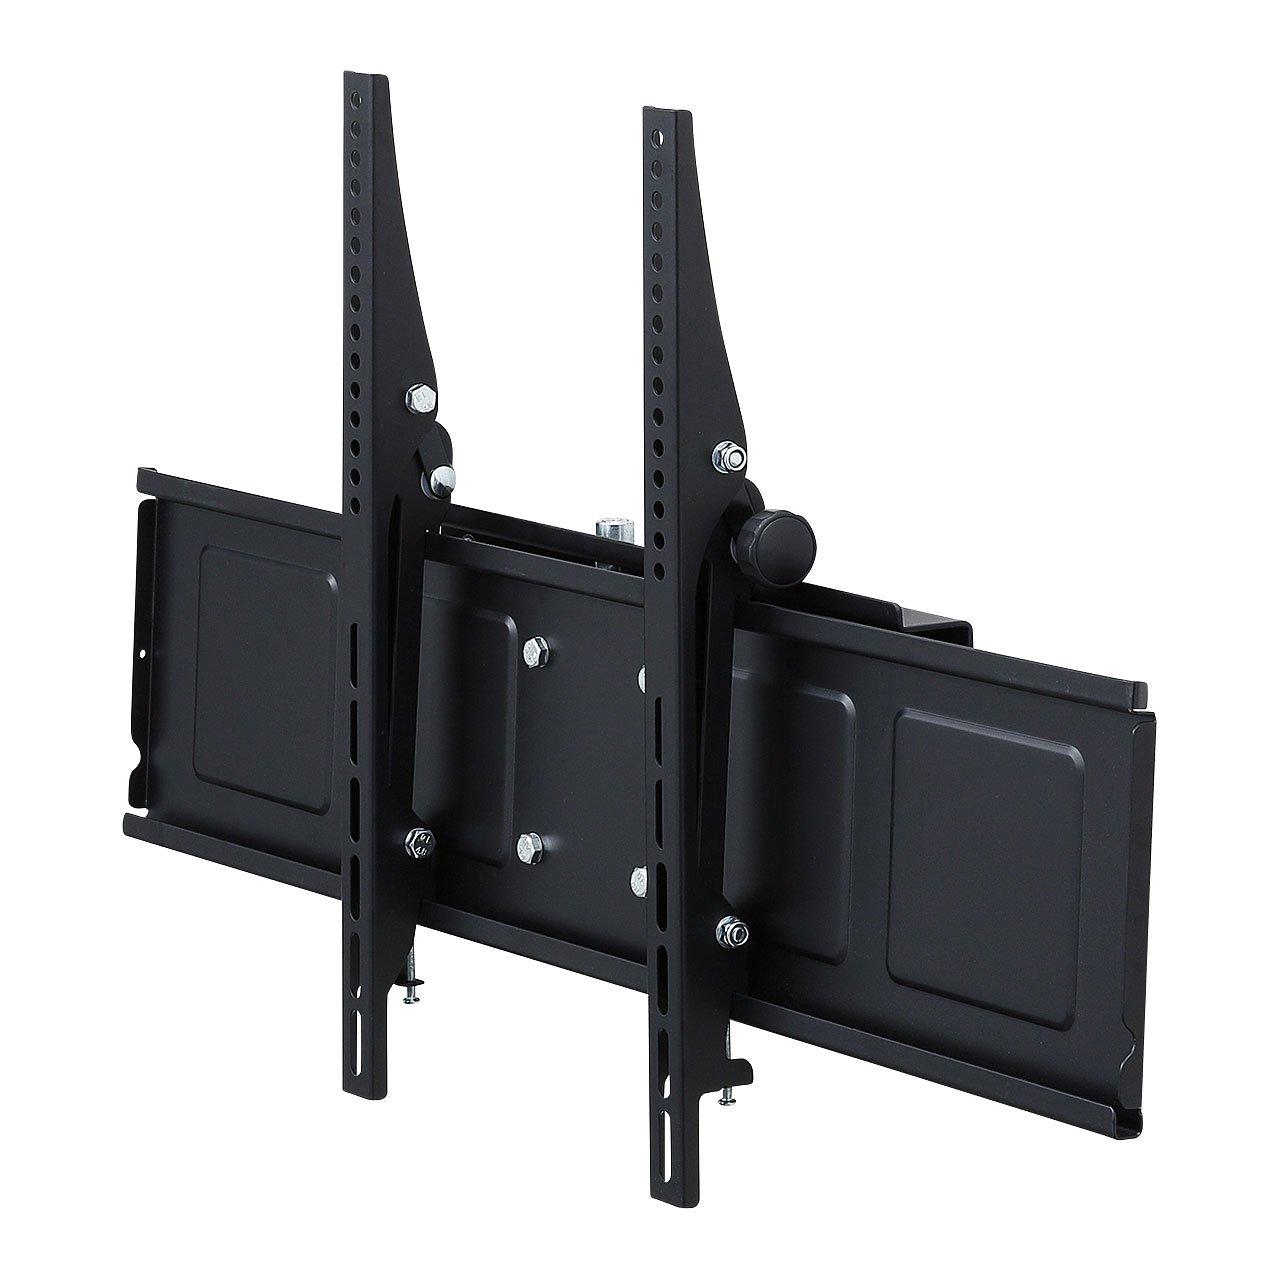 サンワサプライ 液晶プラズマディスプレイ用アーム式壁掛け金具 CR-PLKG8 B01N3Q2QF5 32~65型  32~65型